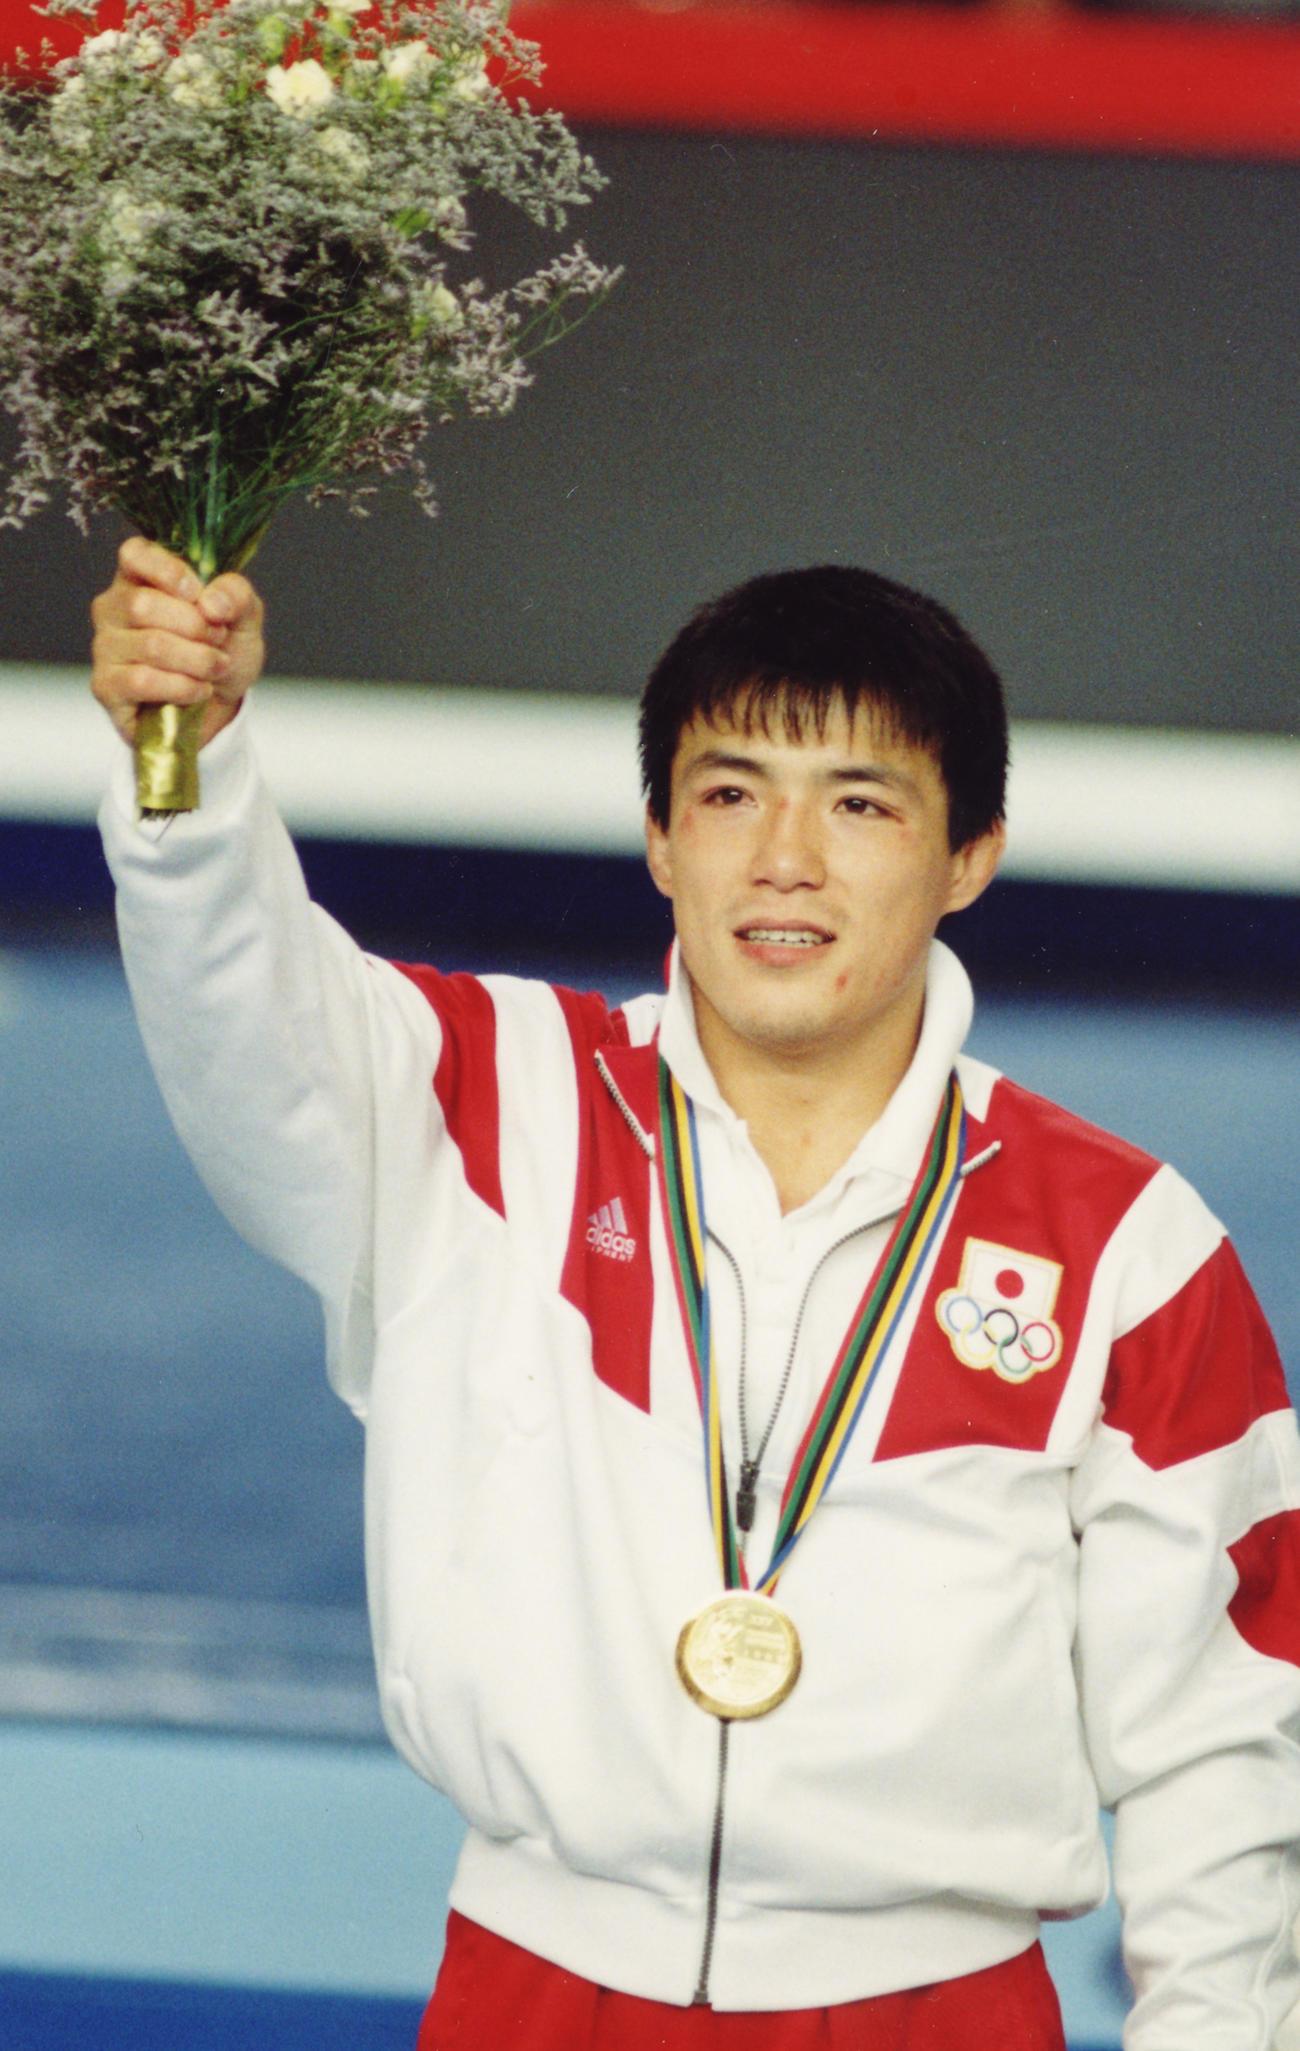 92年7月、バルセロナ五輪 柔道・男子71キロ級表彰式 金メダルを獲得し声援に応える古賀稔彦さん